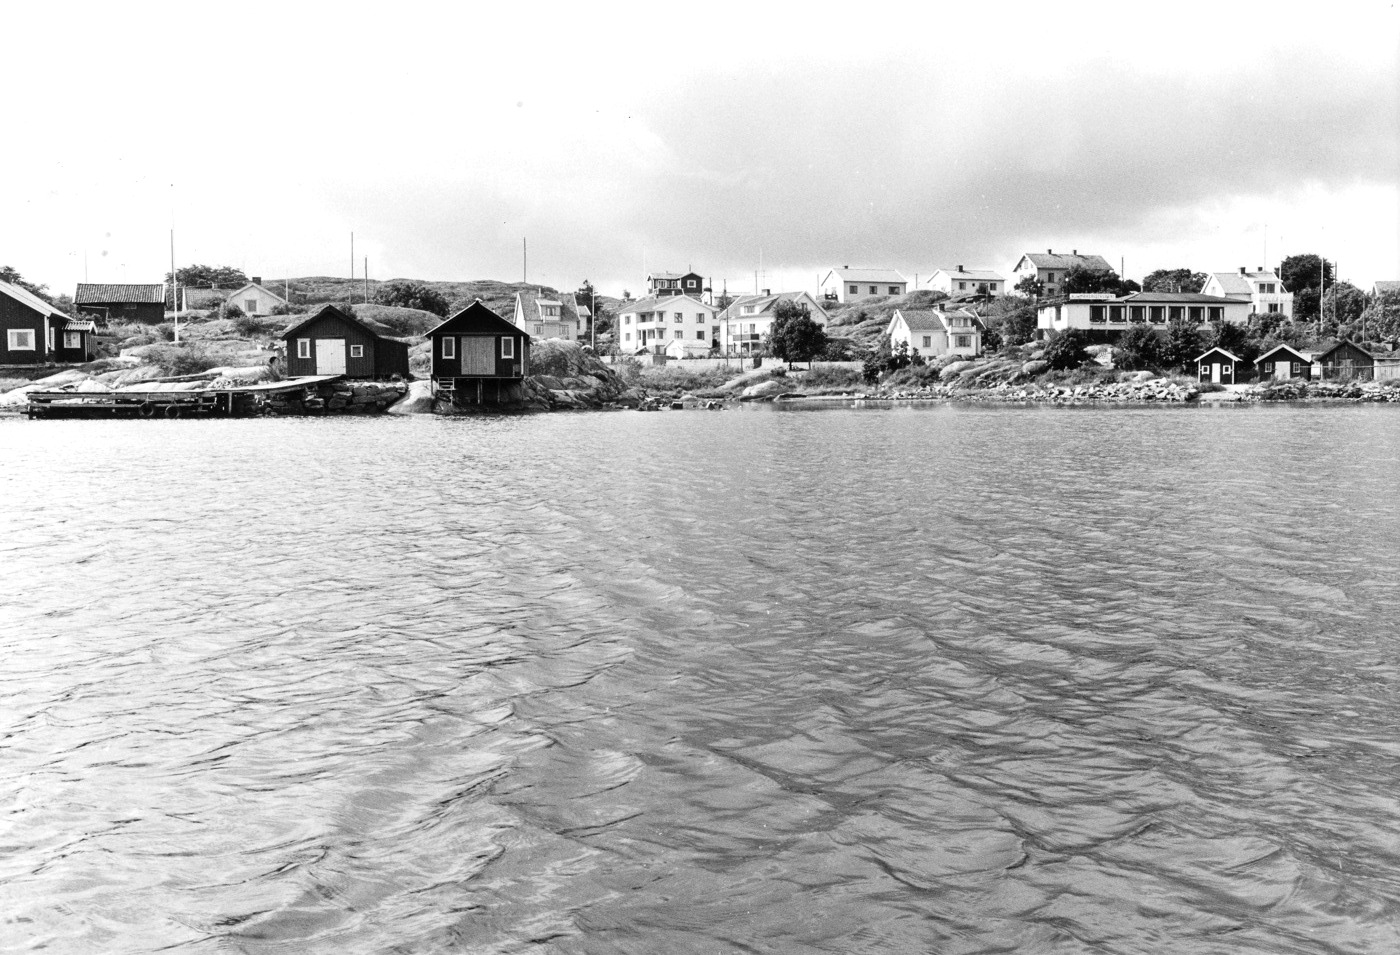 Foto Claes Funck 1970. Från sjön mot viken vid nuvarande golfbana.